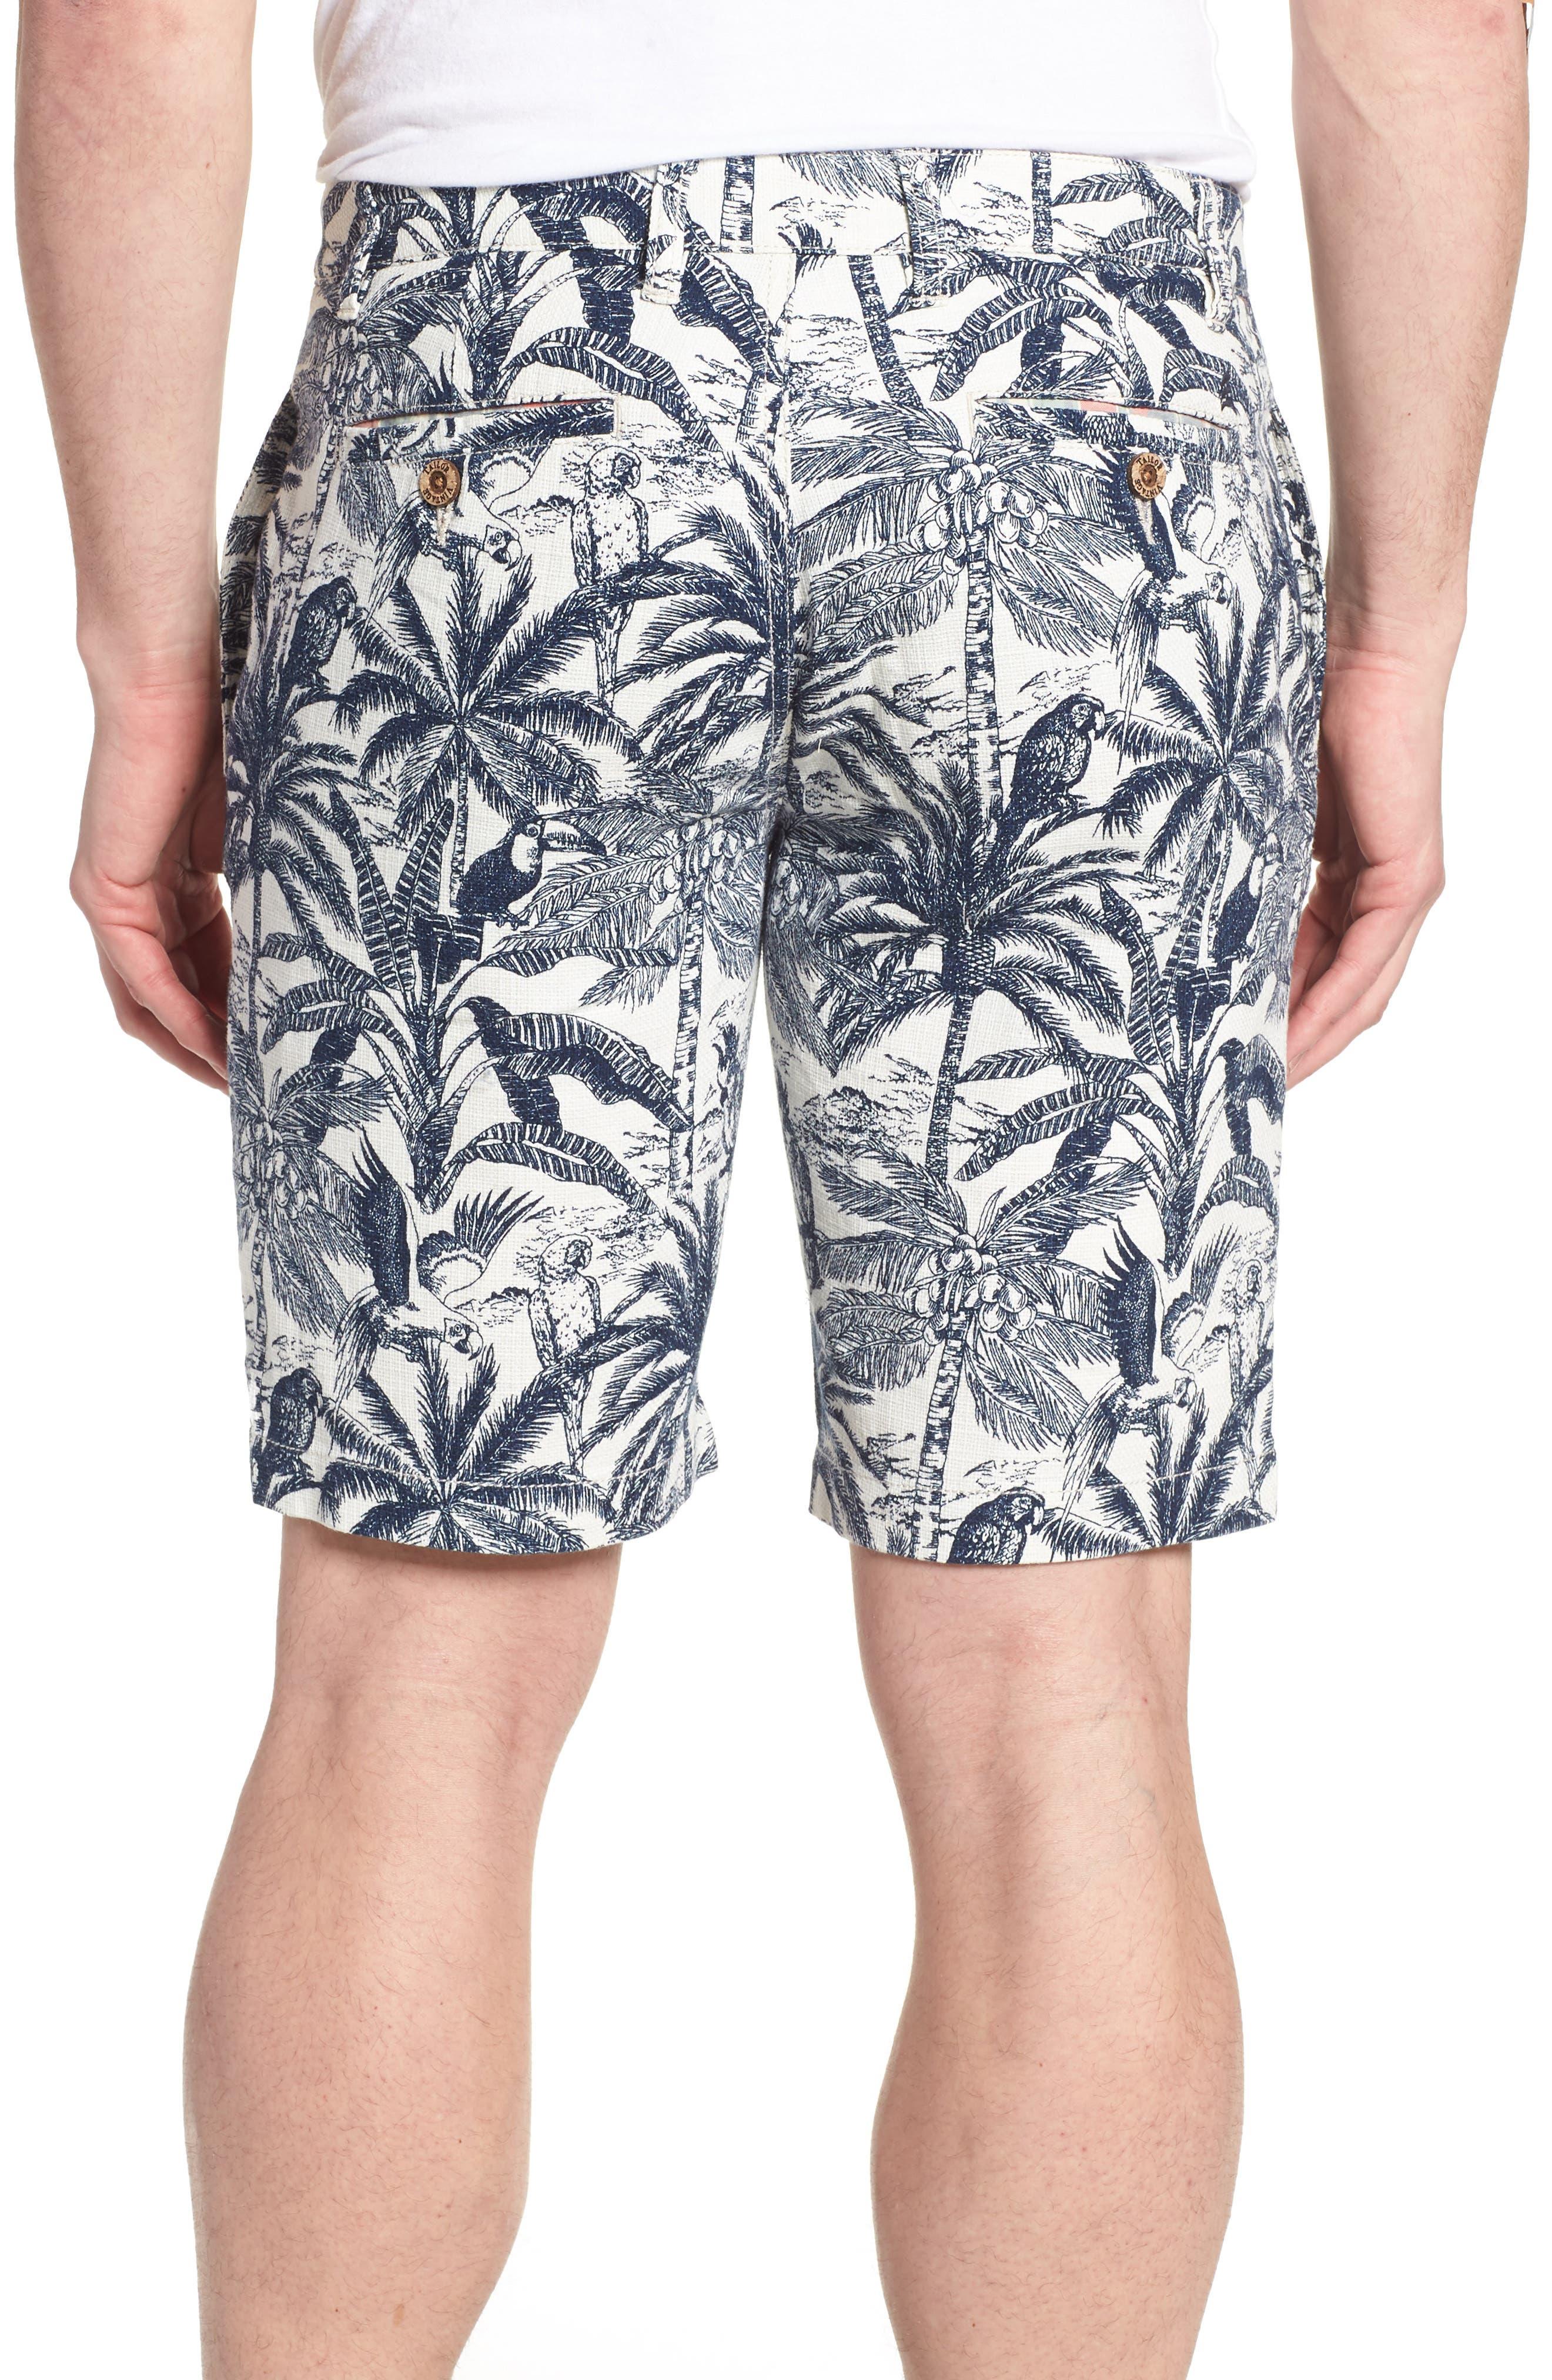 Cotton & Linen Shorts,                             Alternate thumbnail 2, color,                             White Palm Parrot Print